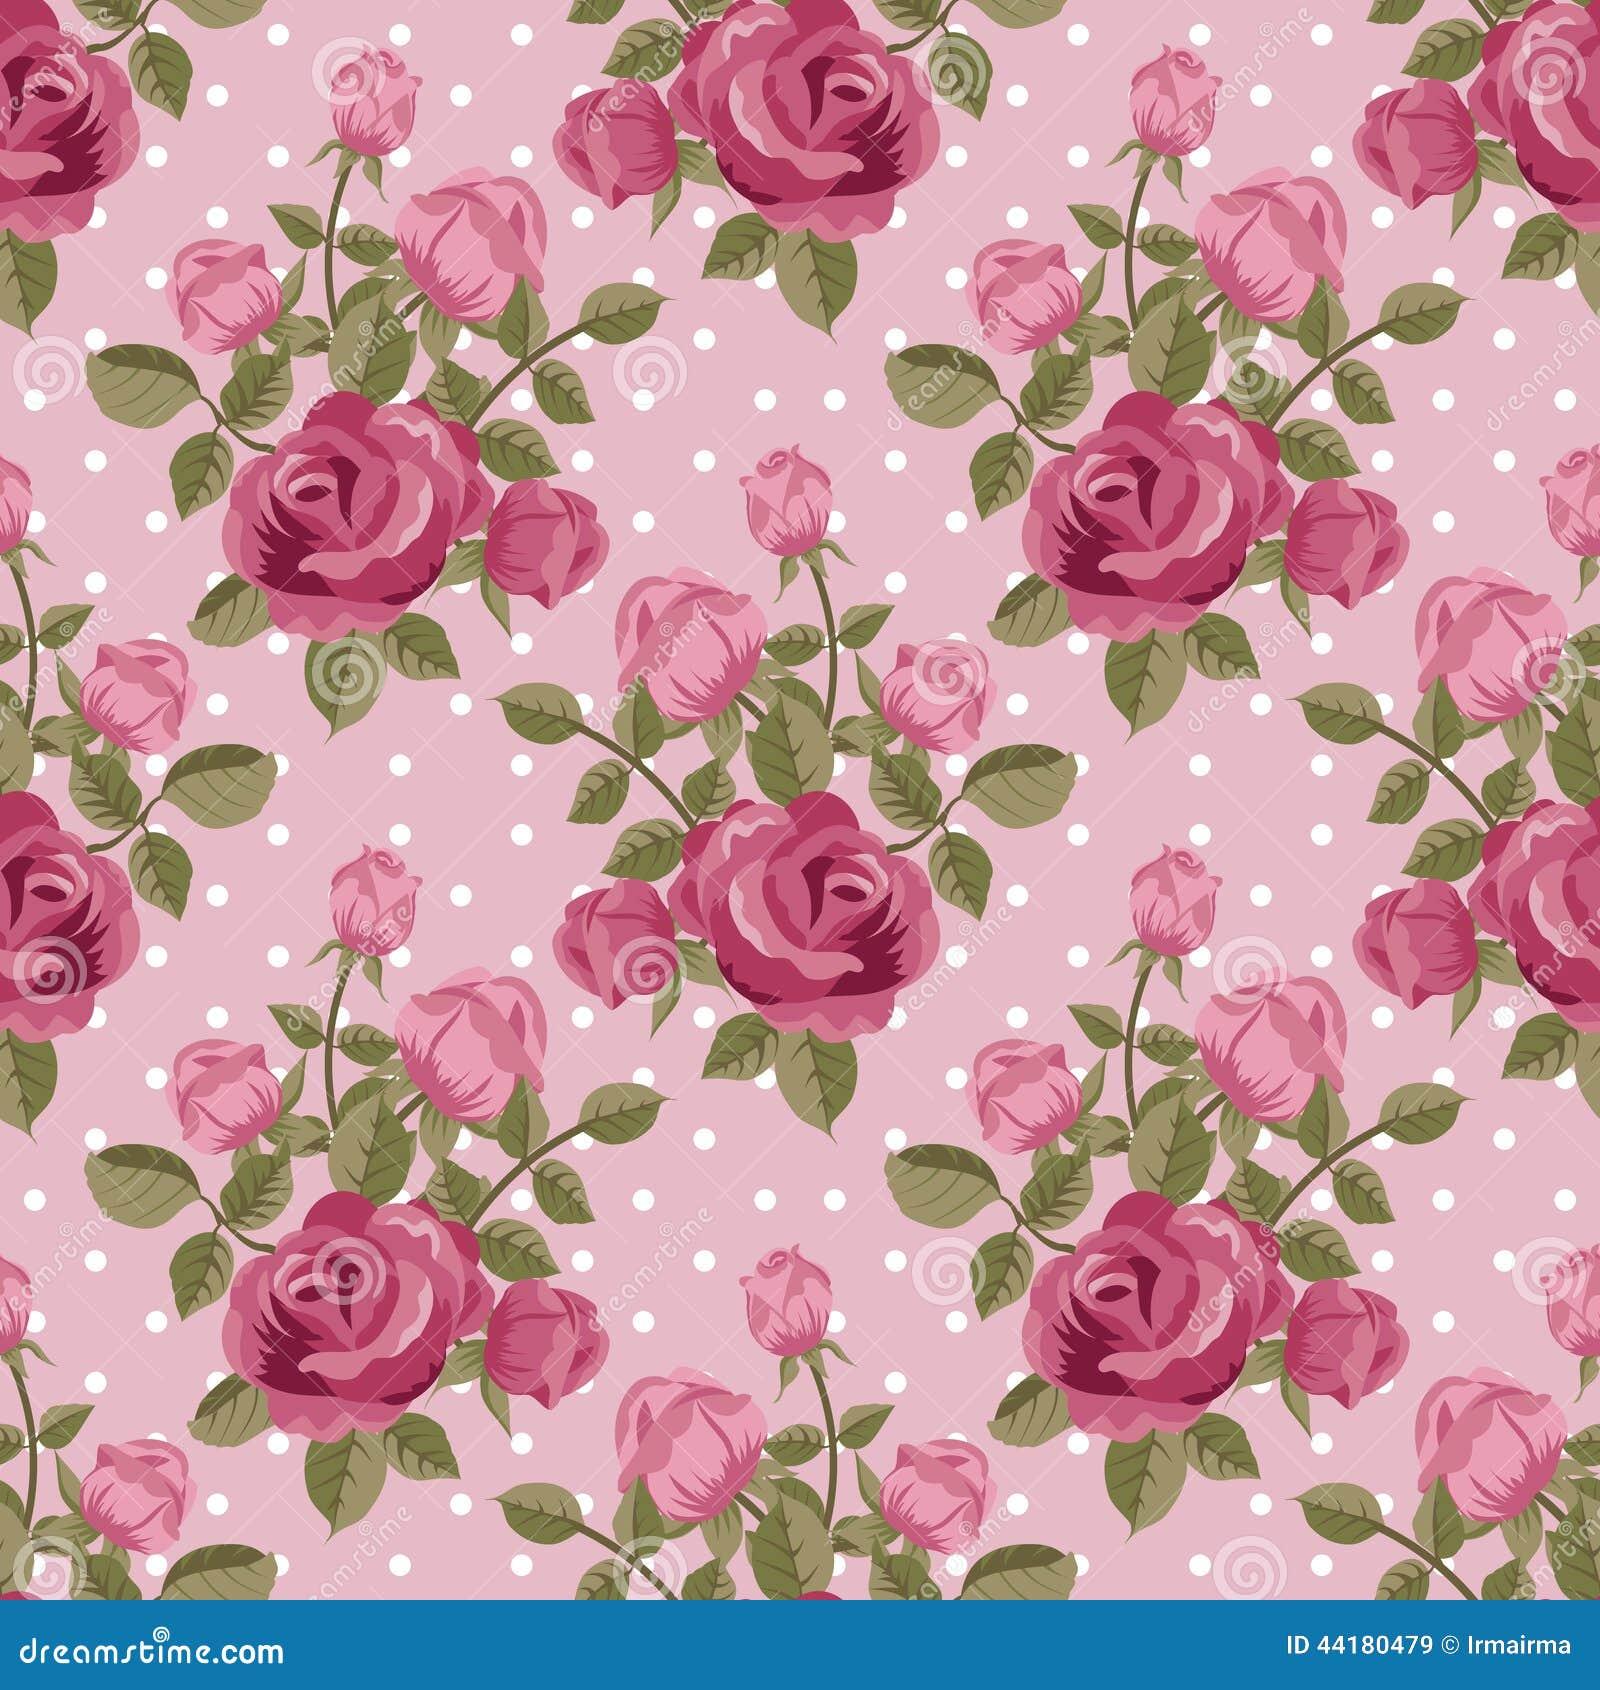 Rose wallpaper